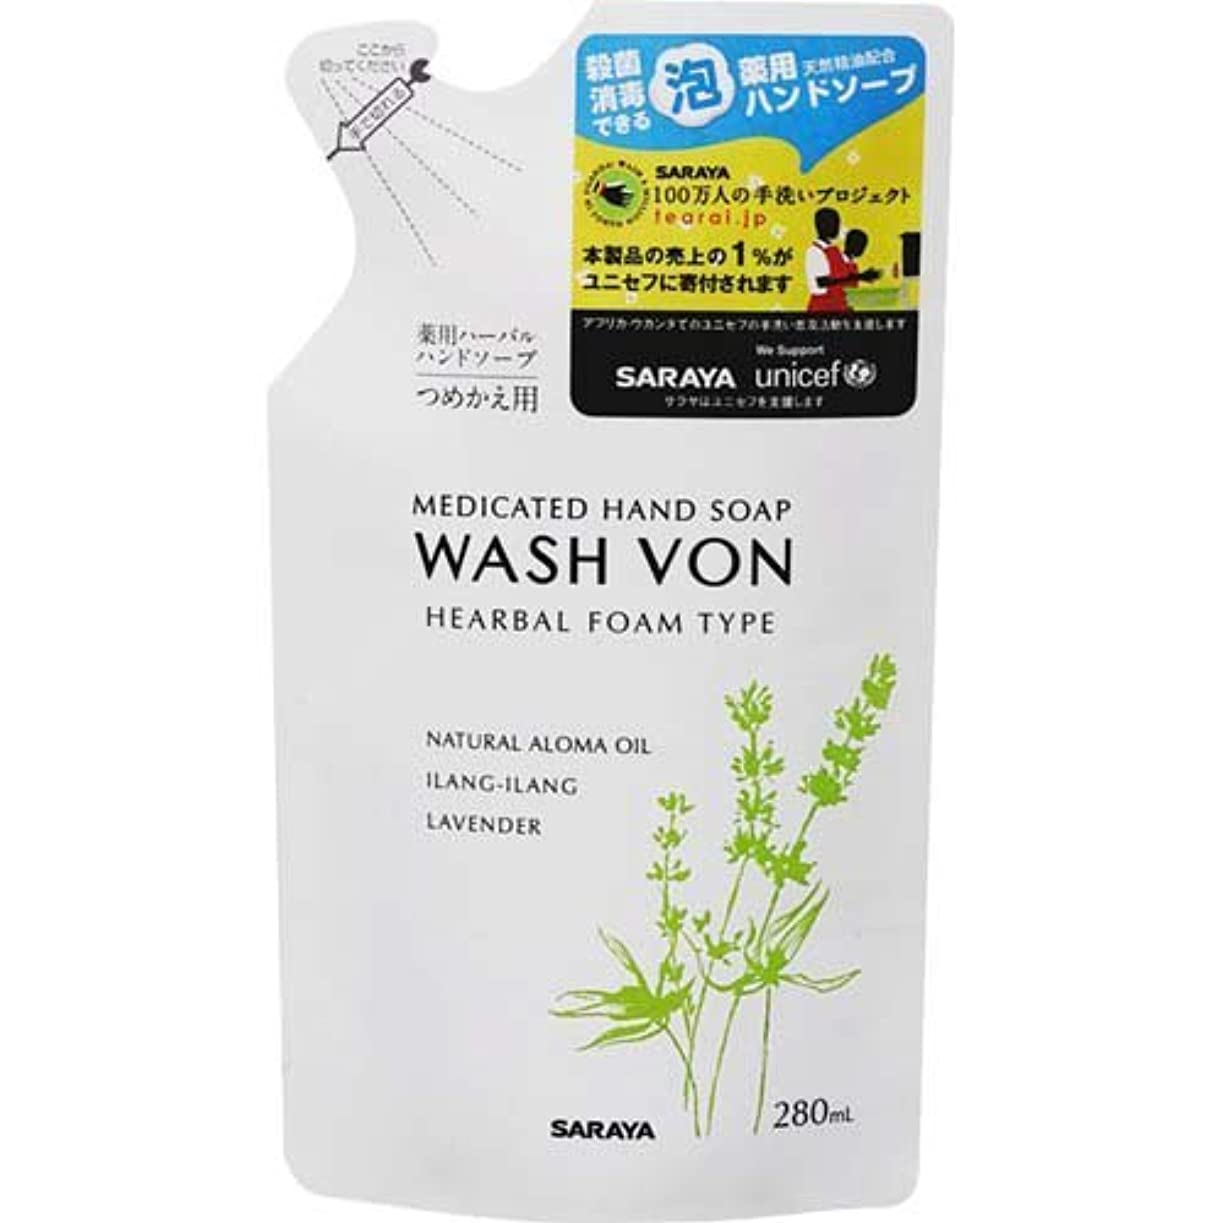 増幅核蒸発WASH VONハーバル薬用ハンドソープ 詰替 280ml × 3個